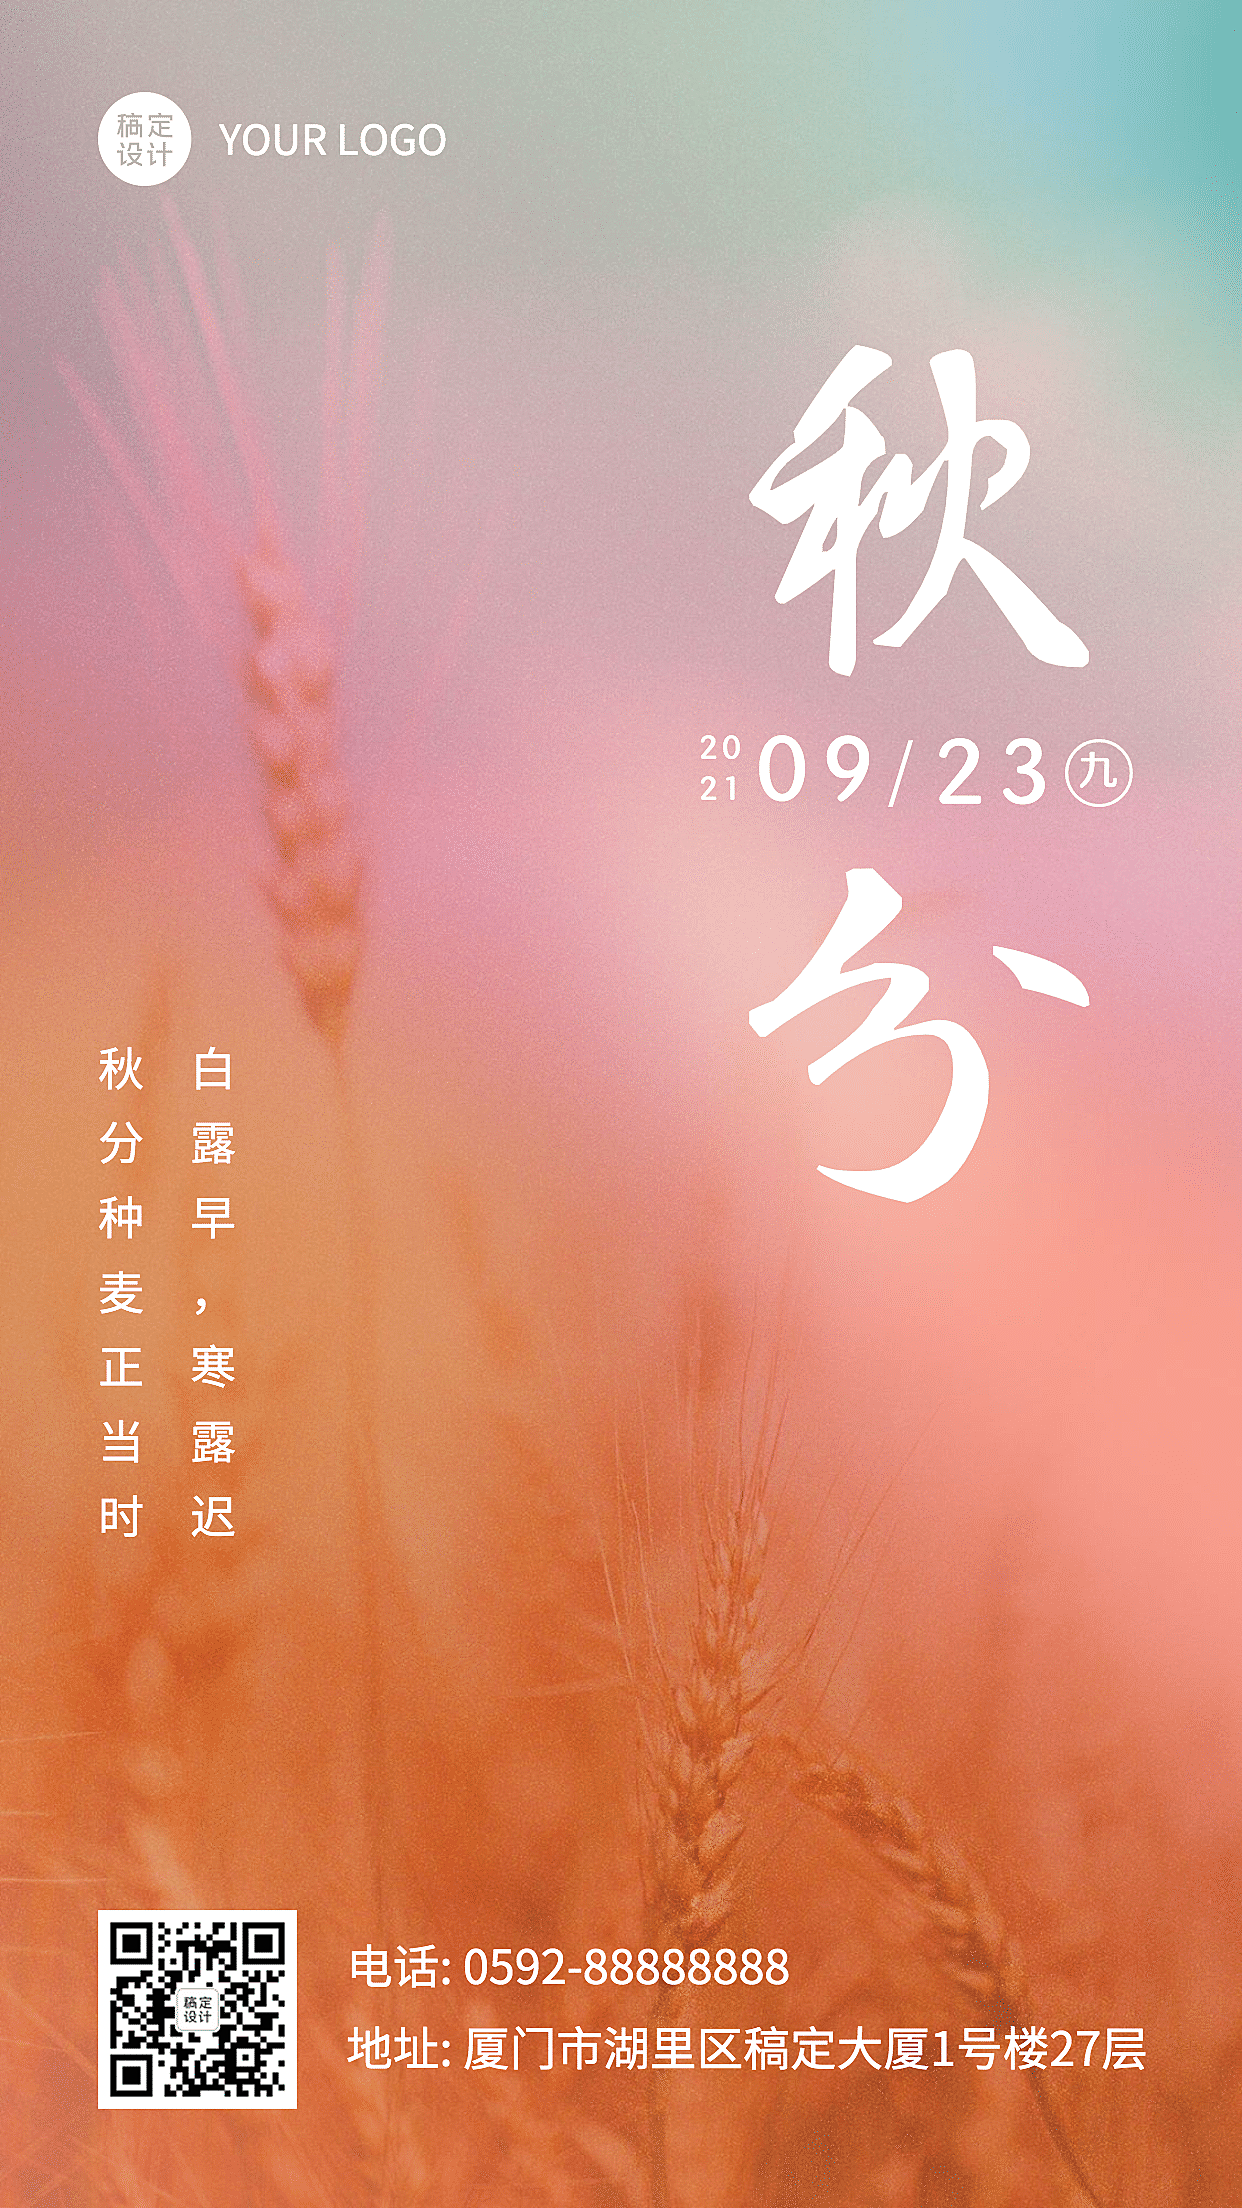 秋分节气渐变祝福手机海报